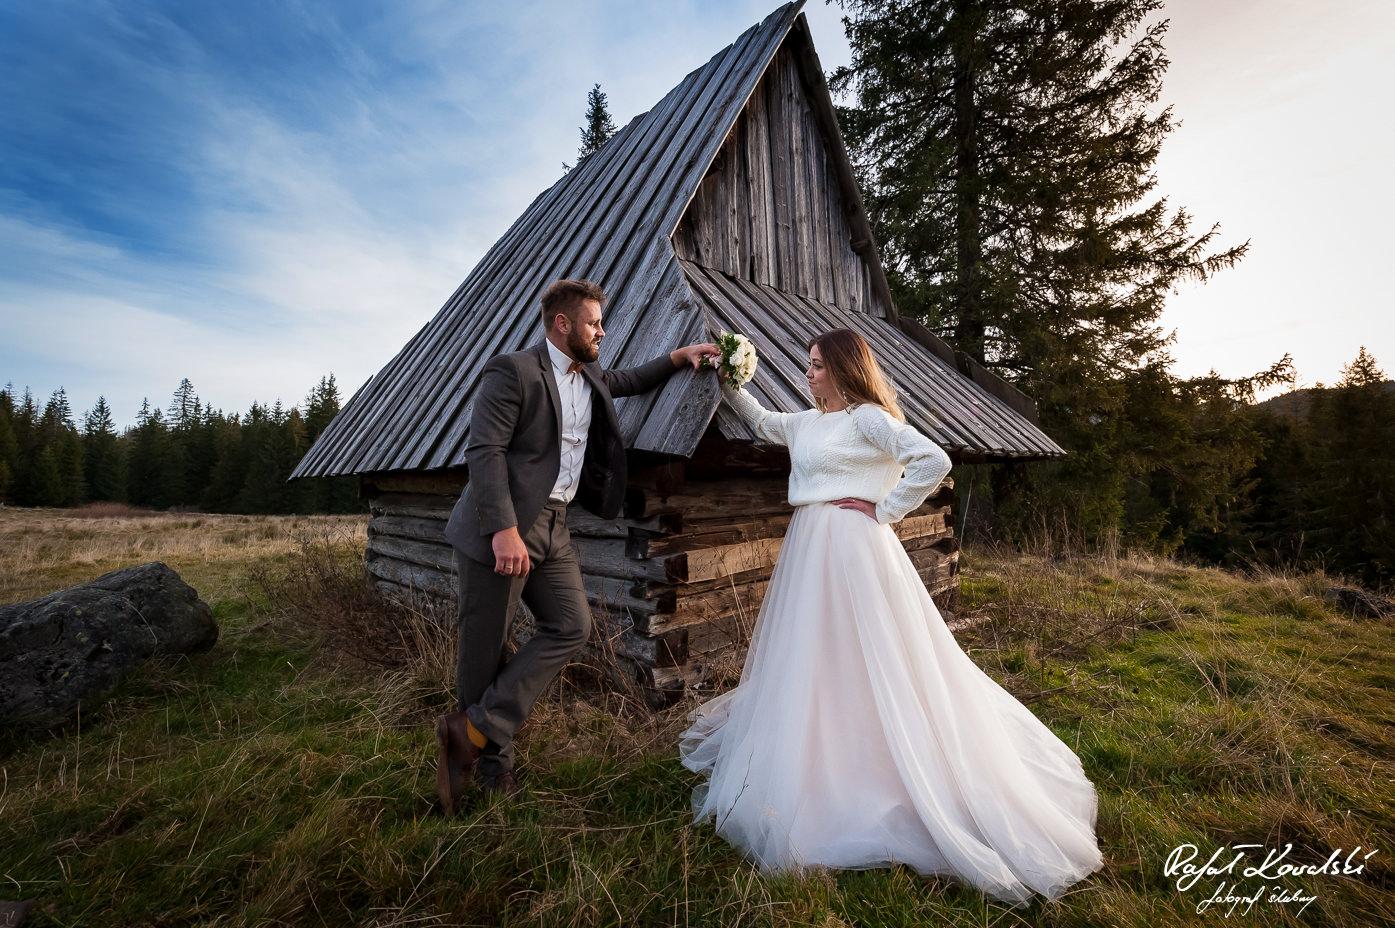 ujęcie szerokokątnym obiektywem na sesji ślubnej w Tatrach